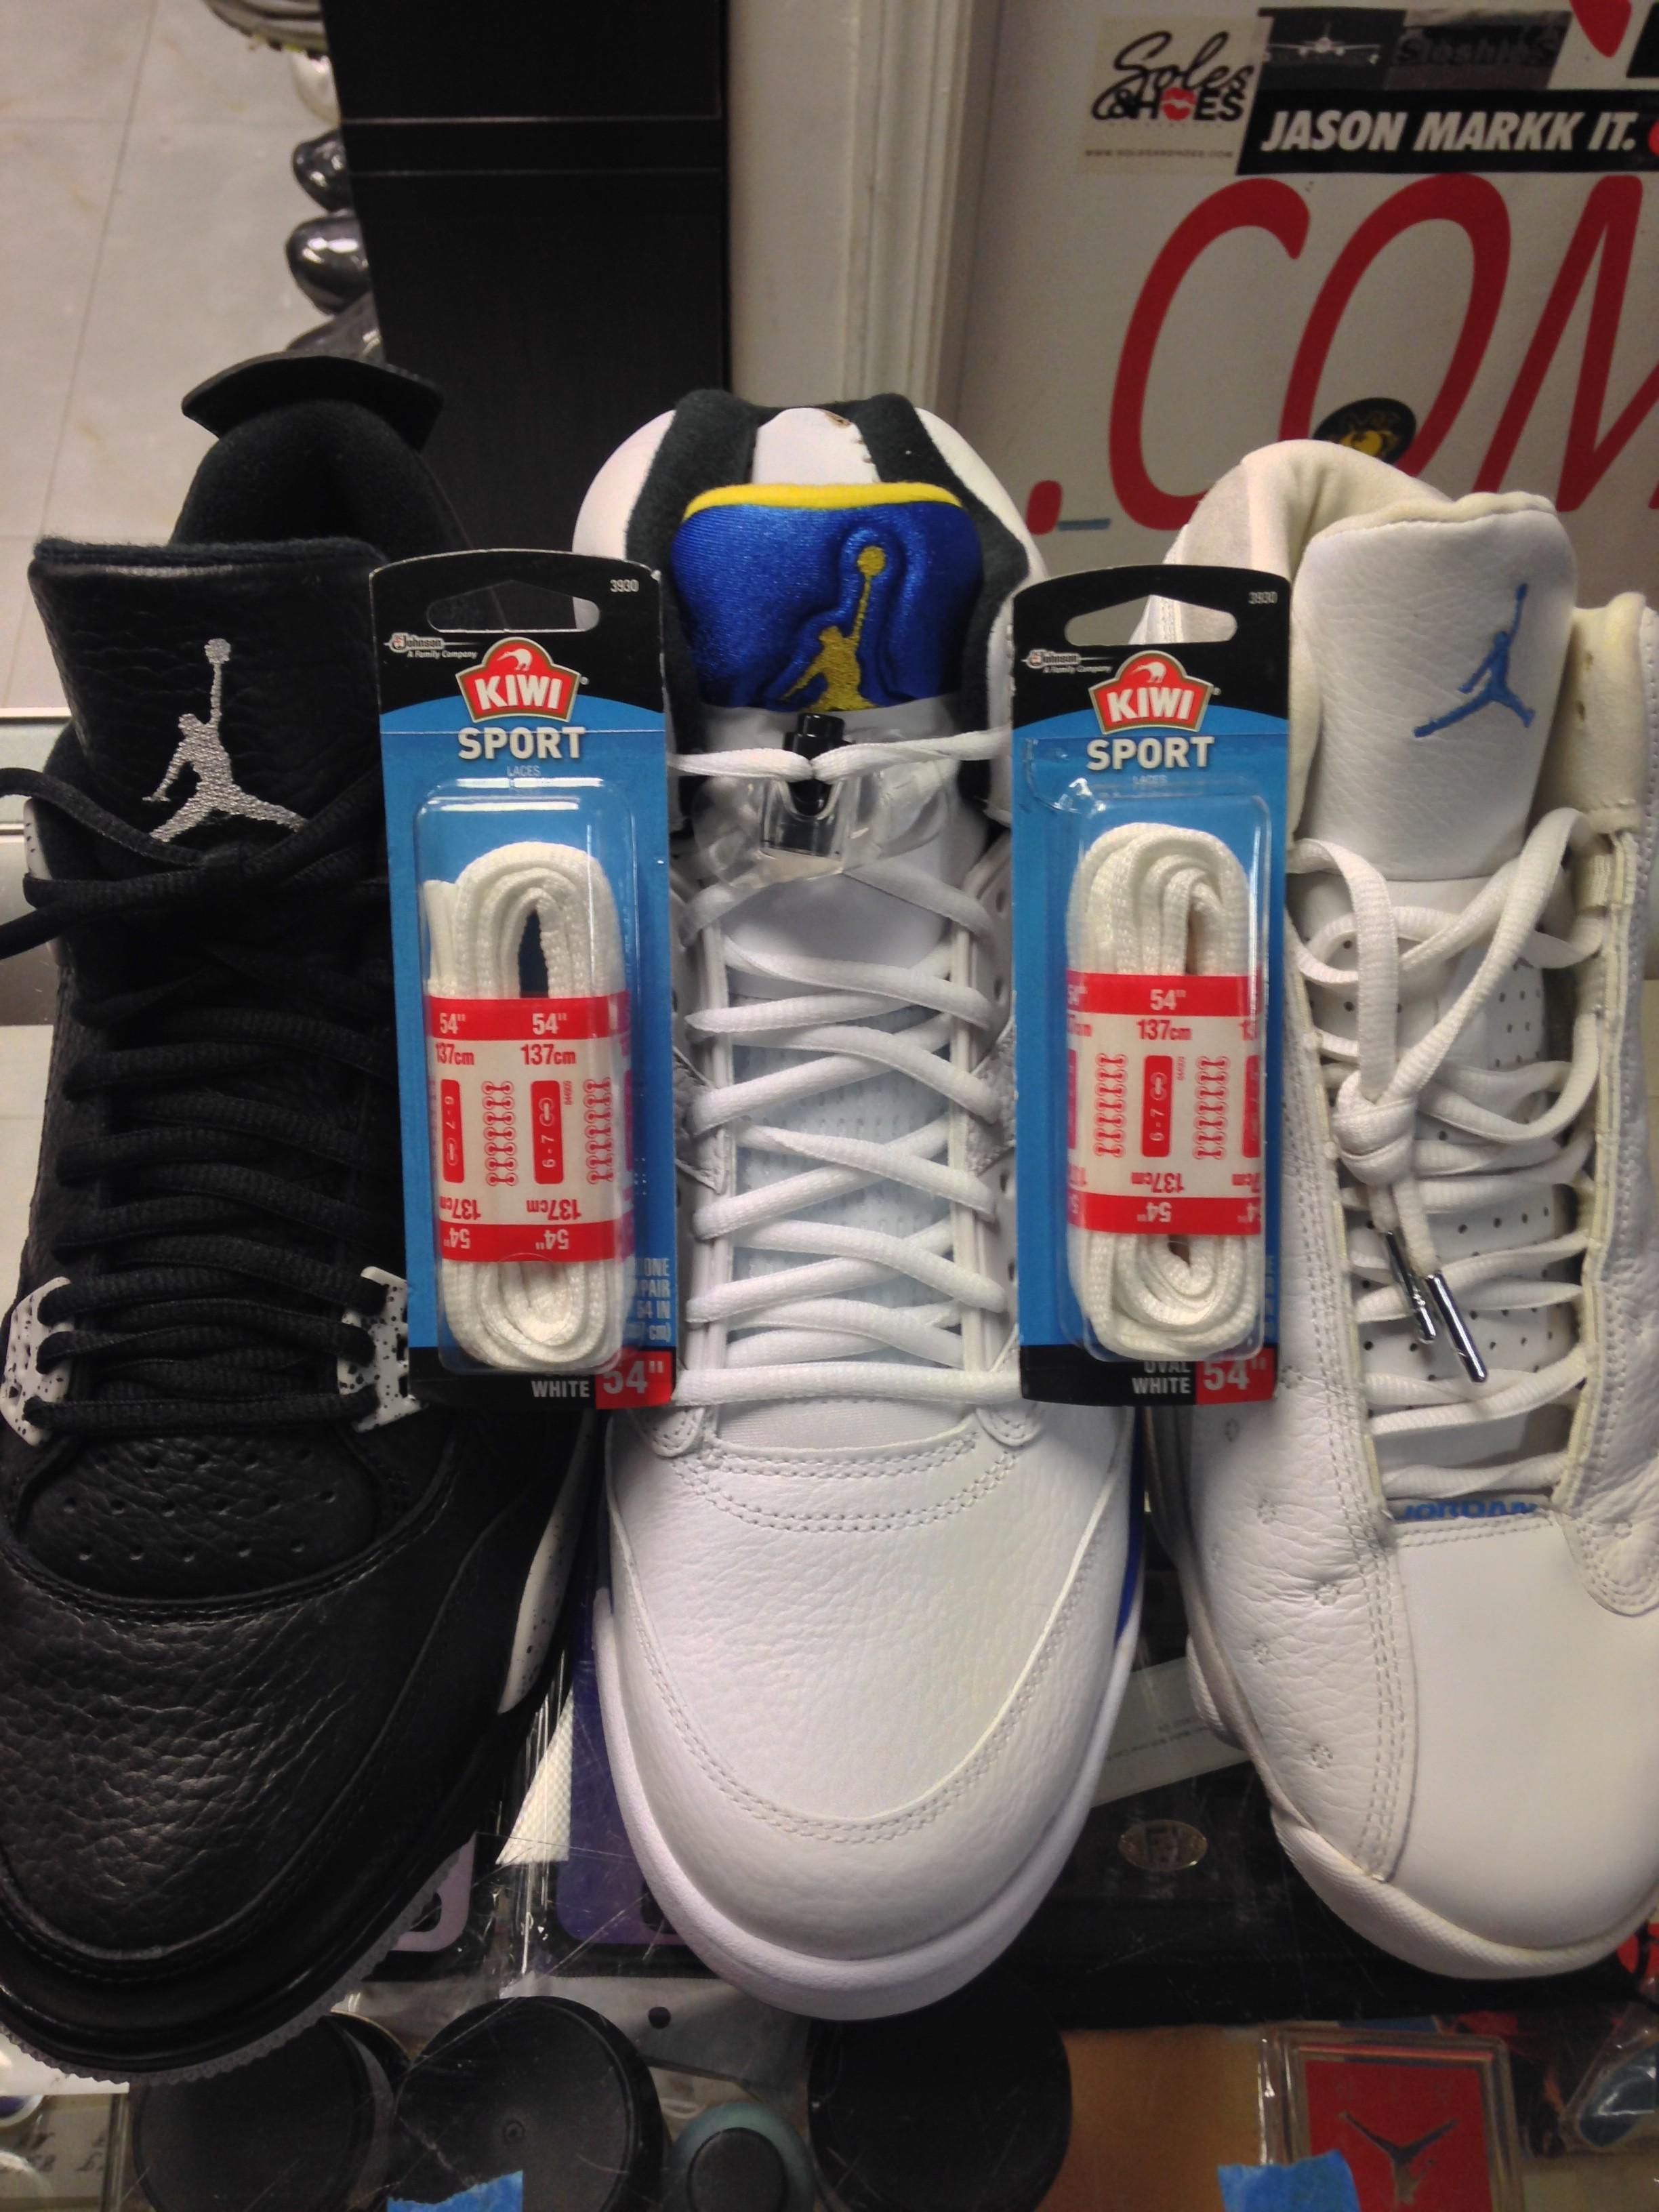 27c883d923e98e Kiwi Oval White Shoe Laces for Jordan IV